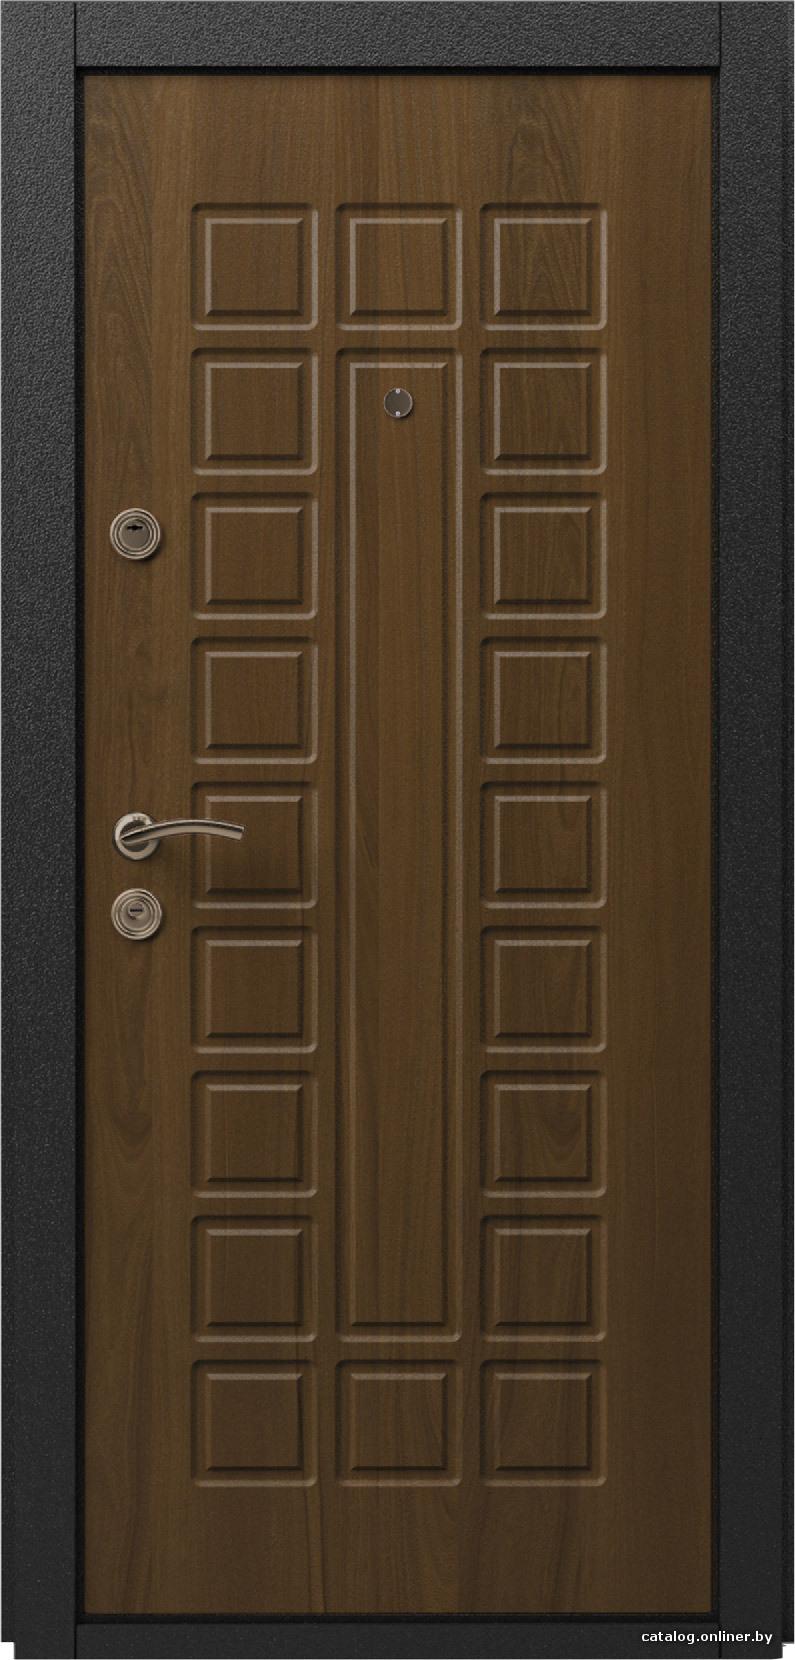 каталог металлических дверей русский стандарт